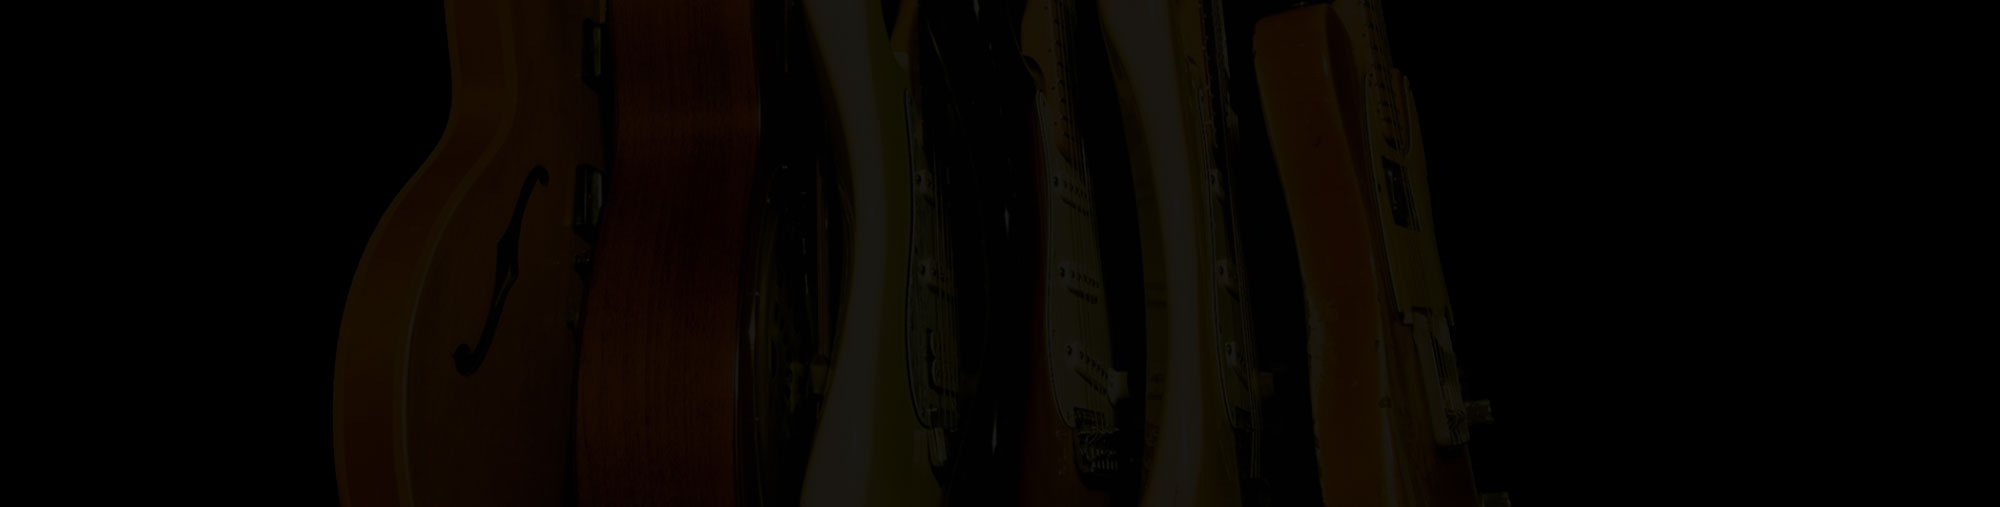 jc-slide-bgnewalbum